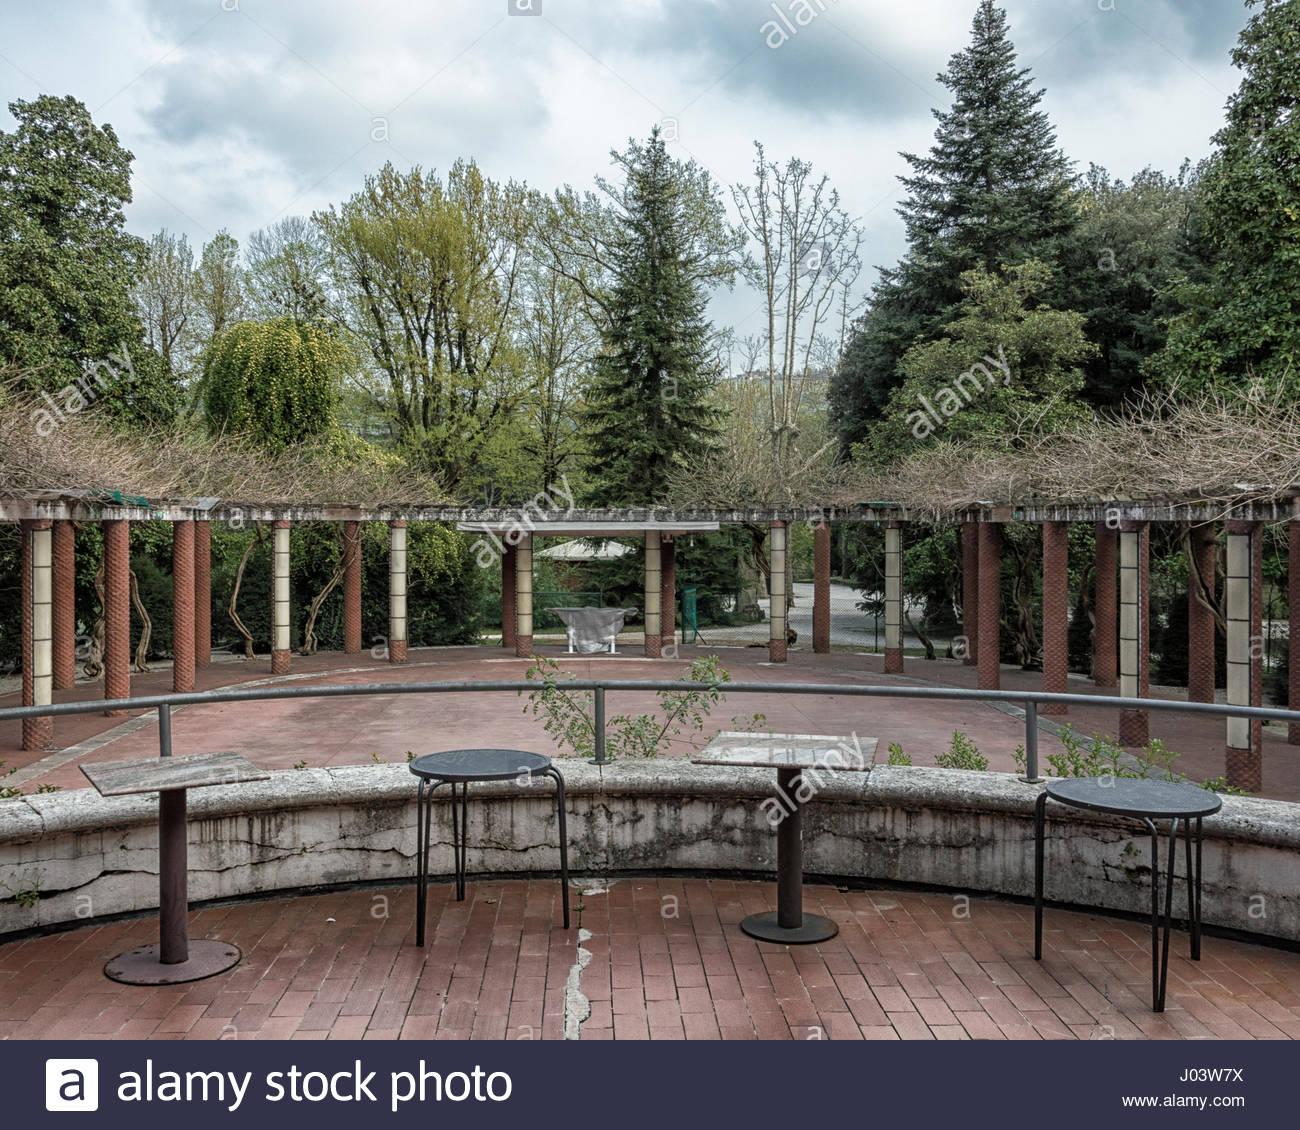 garden in art deco style period of last century called roaring twenties J03W7X